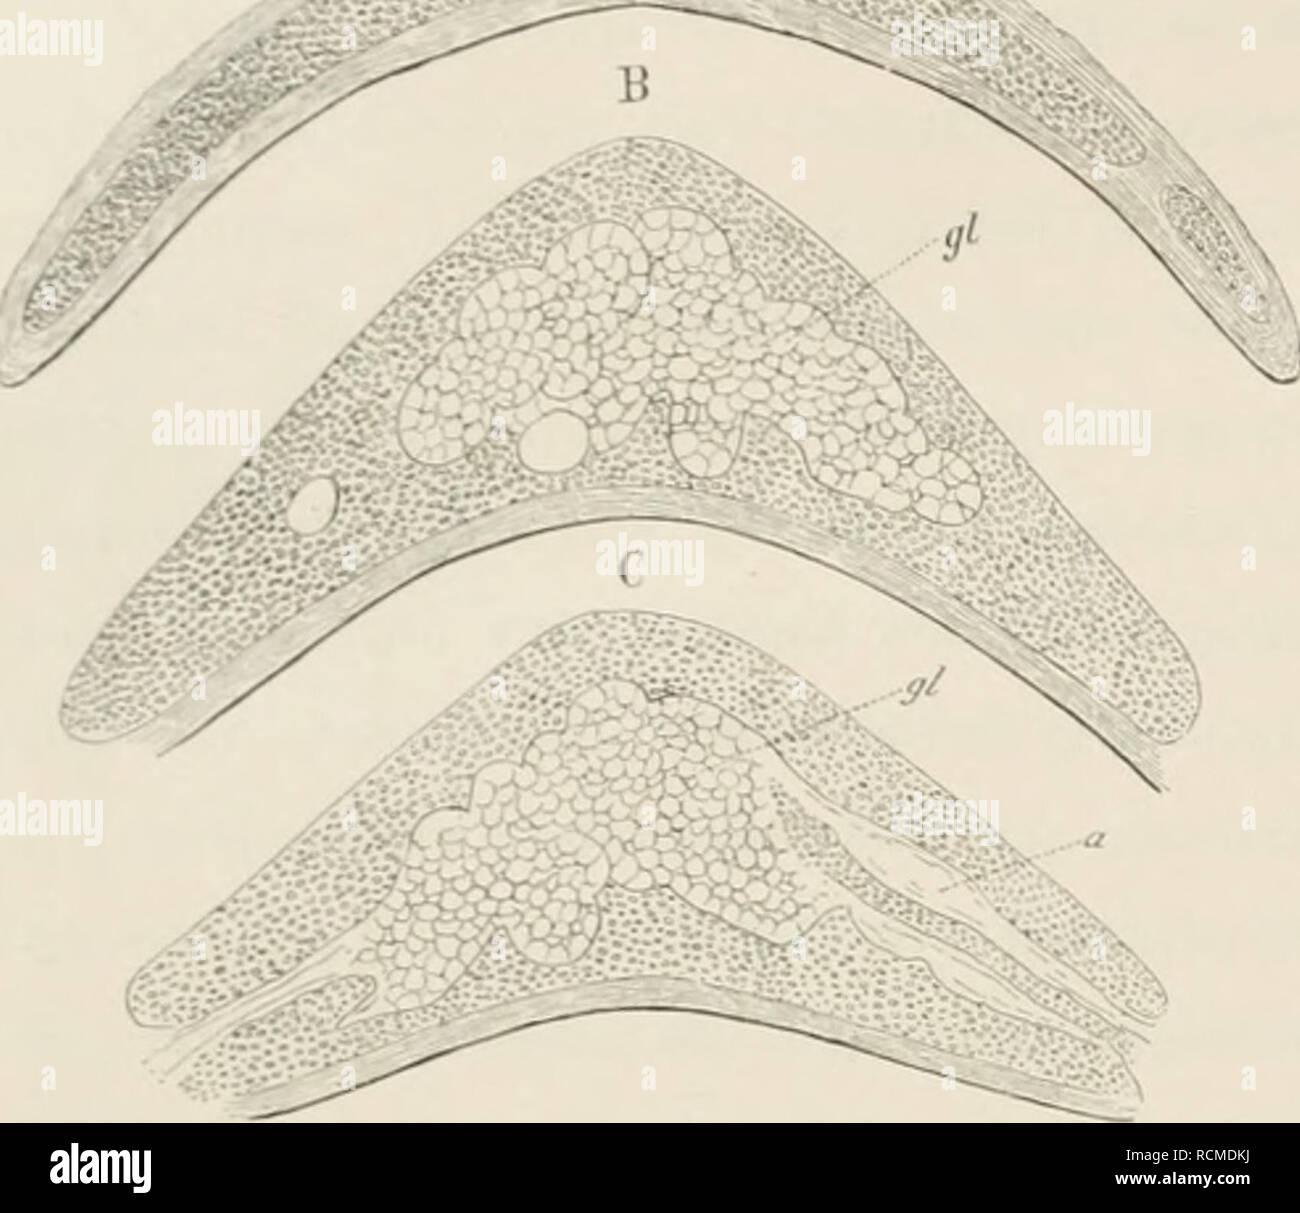 . Die Epiglottis; vergleichend-anatomische Studie, mit 2 Tafeln und 15 Abbildungen im Texte. Epiglottis. 40 A. Fig. XU. A li C drei Querschnitte durch den Kpiglottisknorpel von Otolicnus Galap;o. gl Drüsen, a Ausführ^änge. Drüsenbildung nur vereinzelt bestand nnd noeli nielit den Knorpel erreichte. Tiefer ab- wärts war liin und wieder eine einzelne Drüse in den Knorpel eingedrungen. Bei Otolicnus waren dann an der mit einem medianen Vor- sprunge versehenen und dadurch an das Ver- halten von Echidna erinnernden Strecke des Knorpels grössere Drüsenmassen aus (jiruj)pen von Schläuchen bestehend i Stock Photo